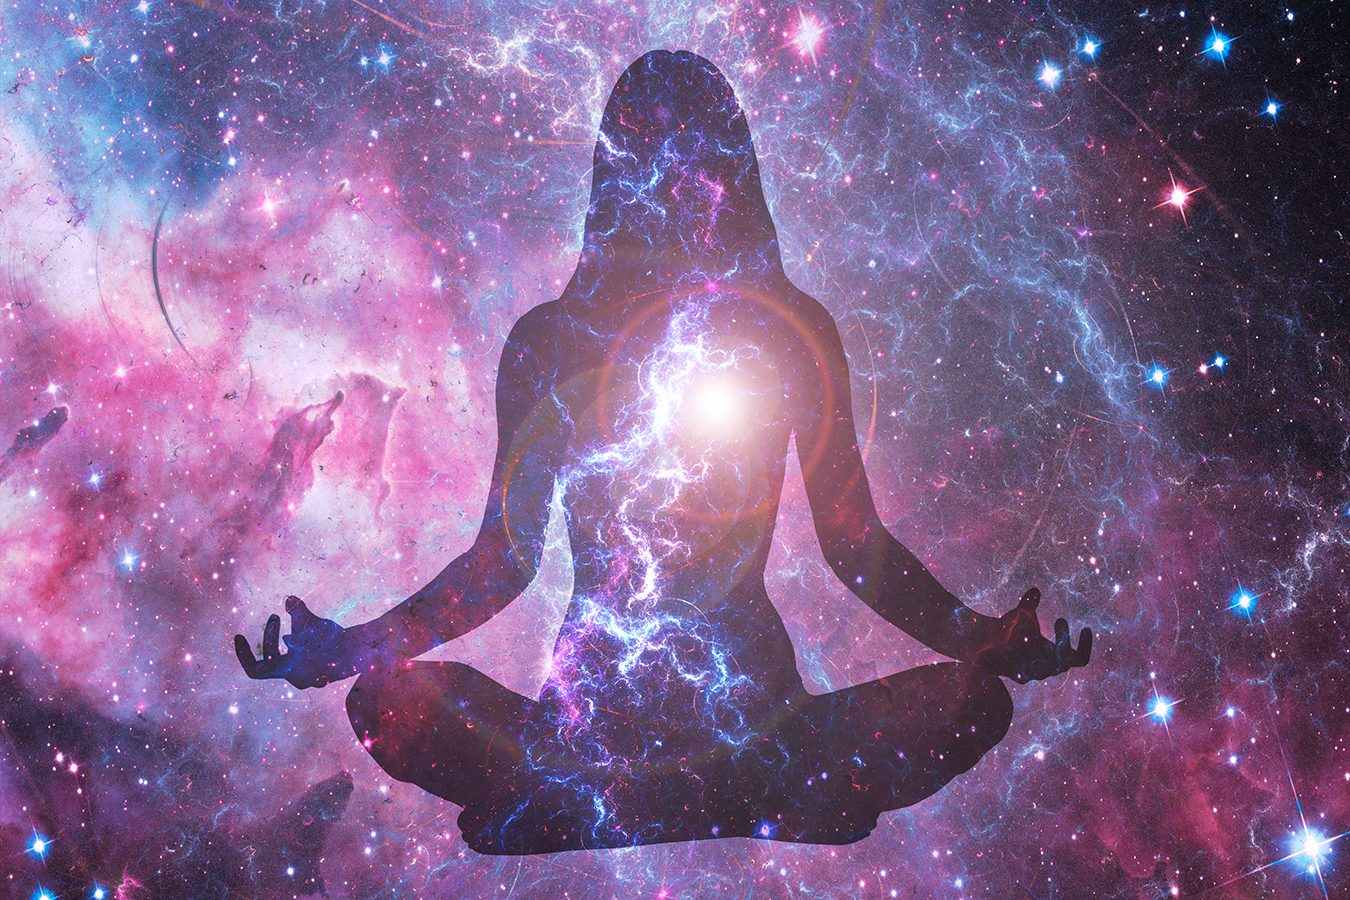 La Energía y la Vibración